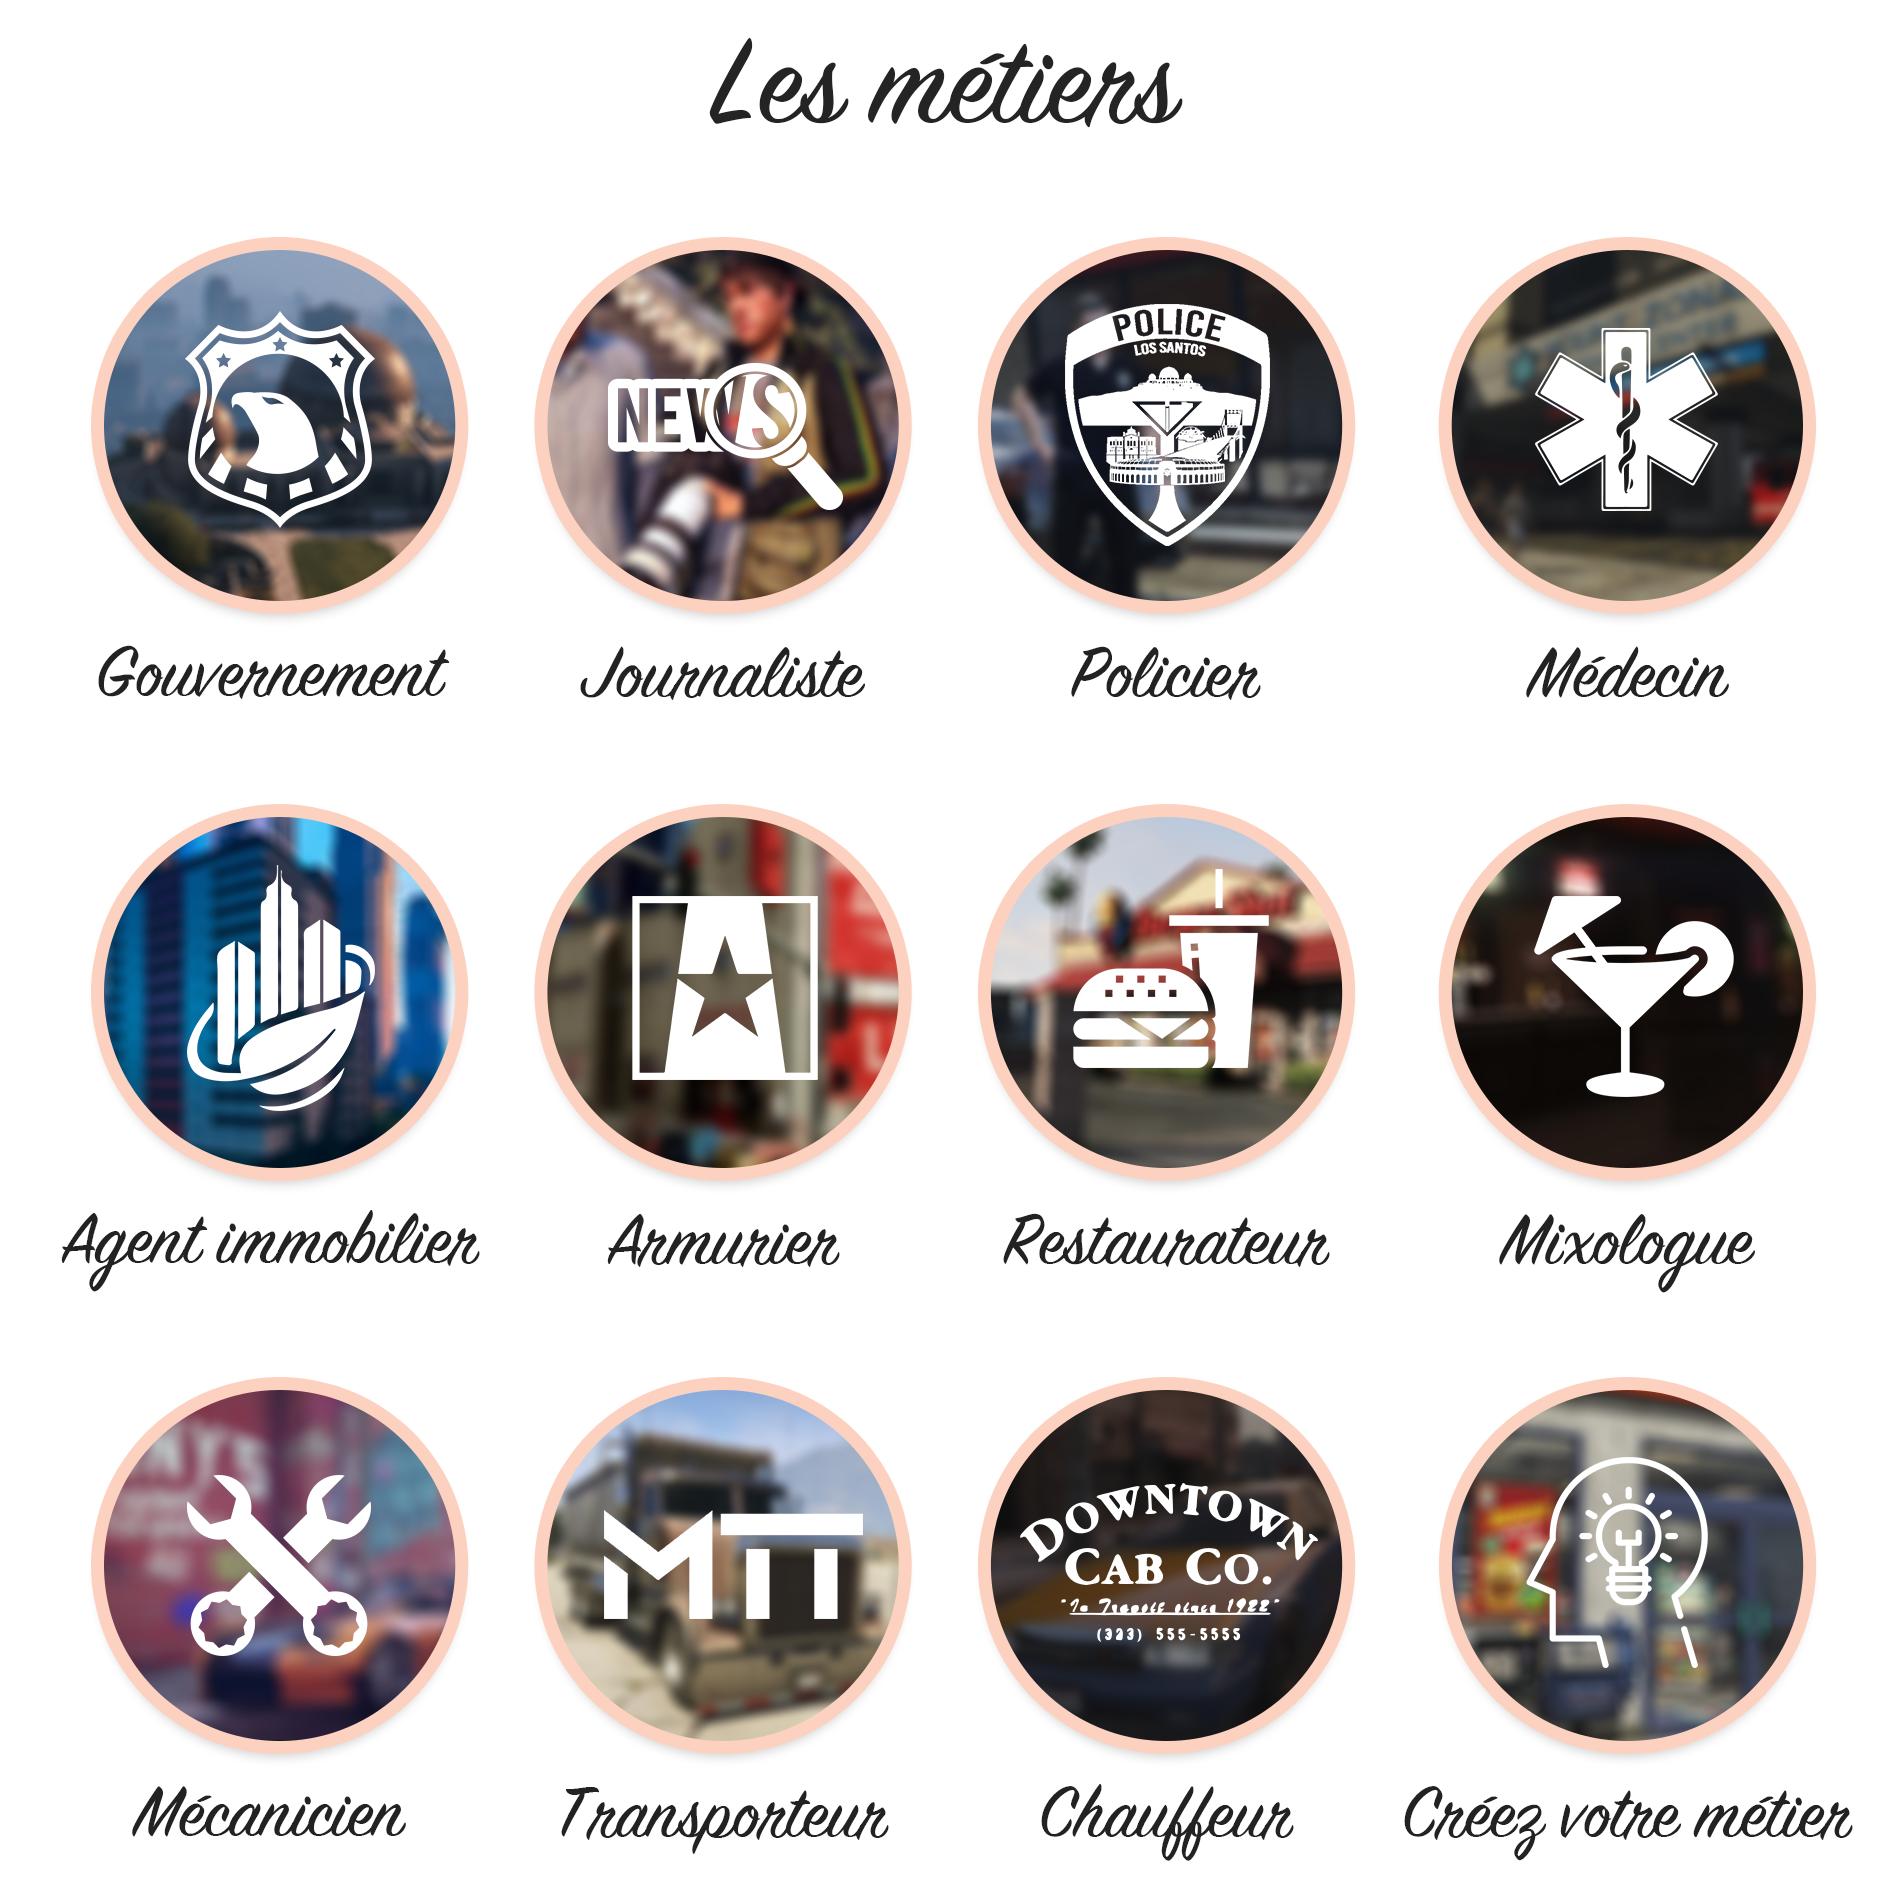 5c7d344687108-Plaquette métiers.png